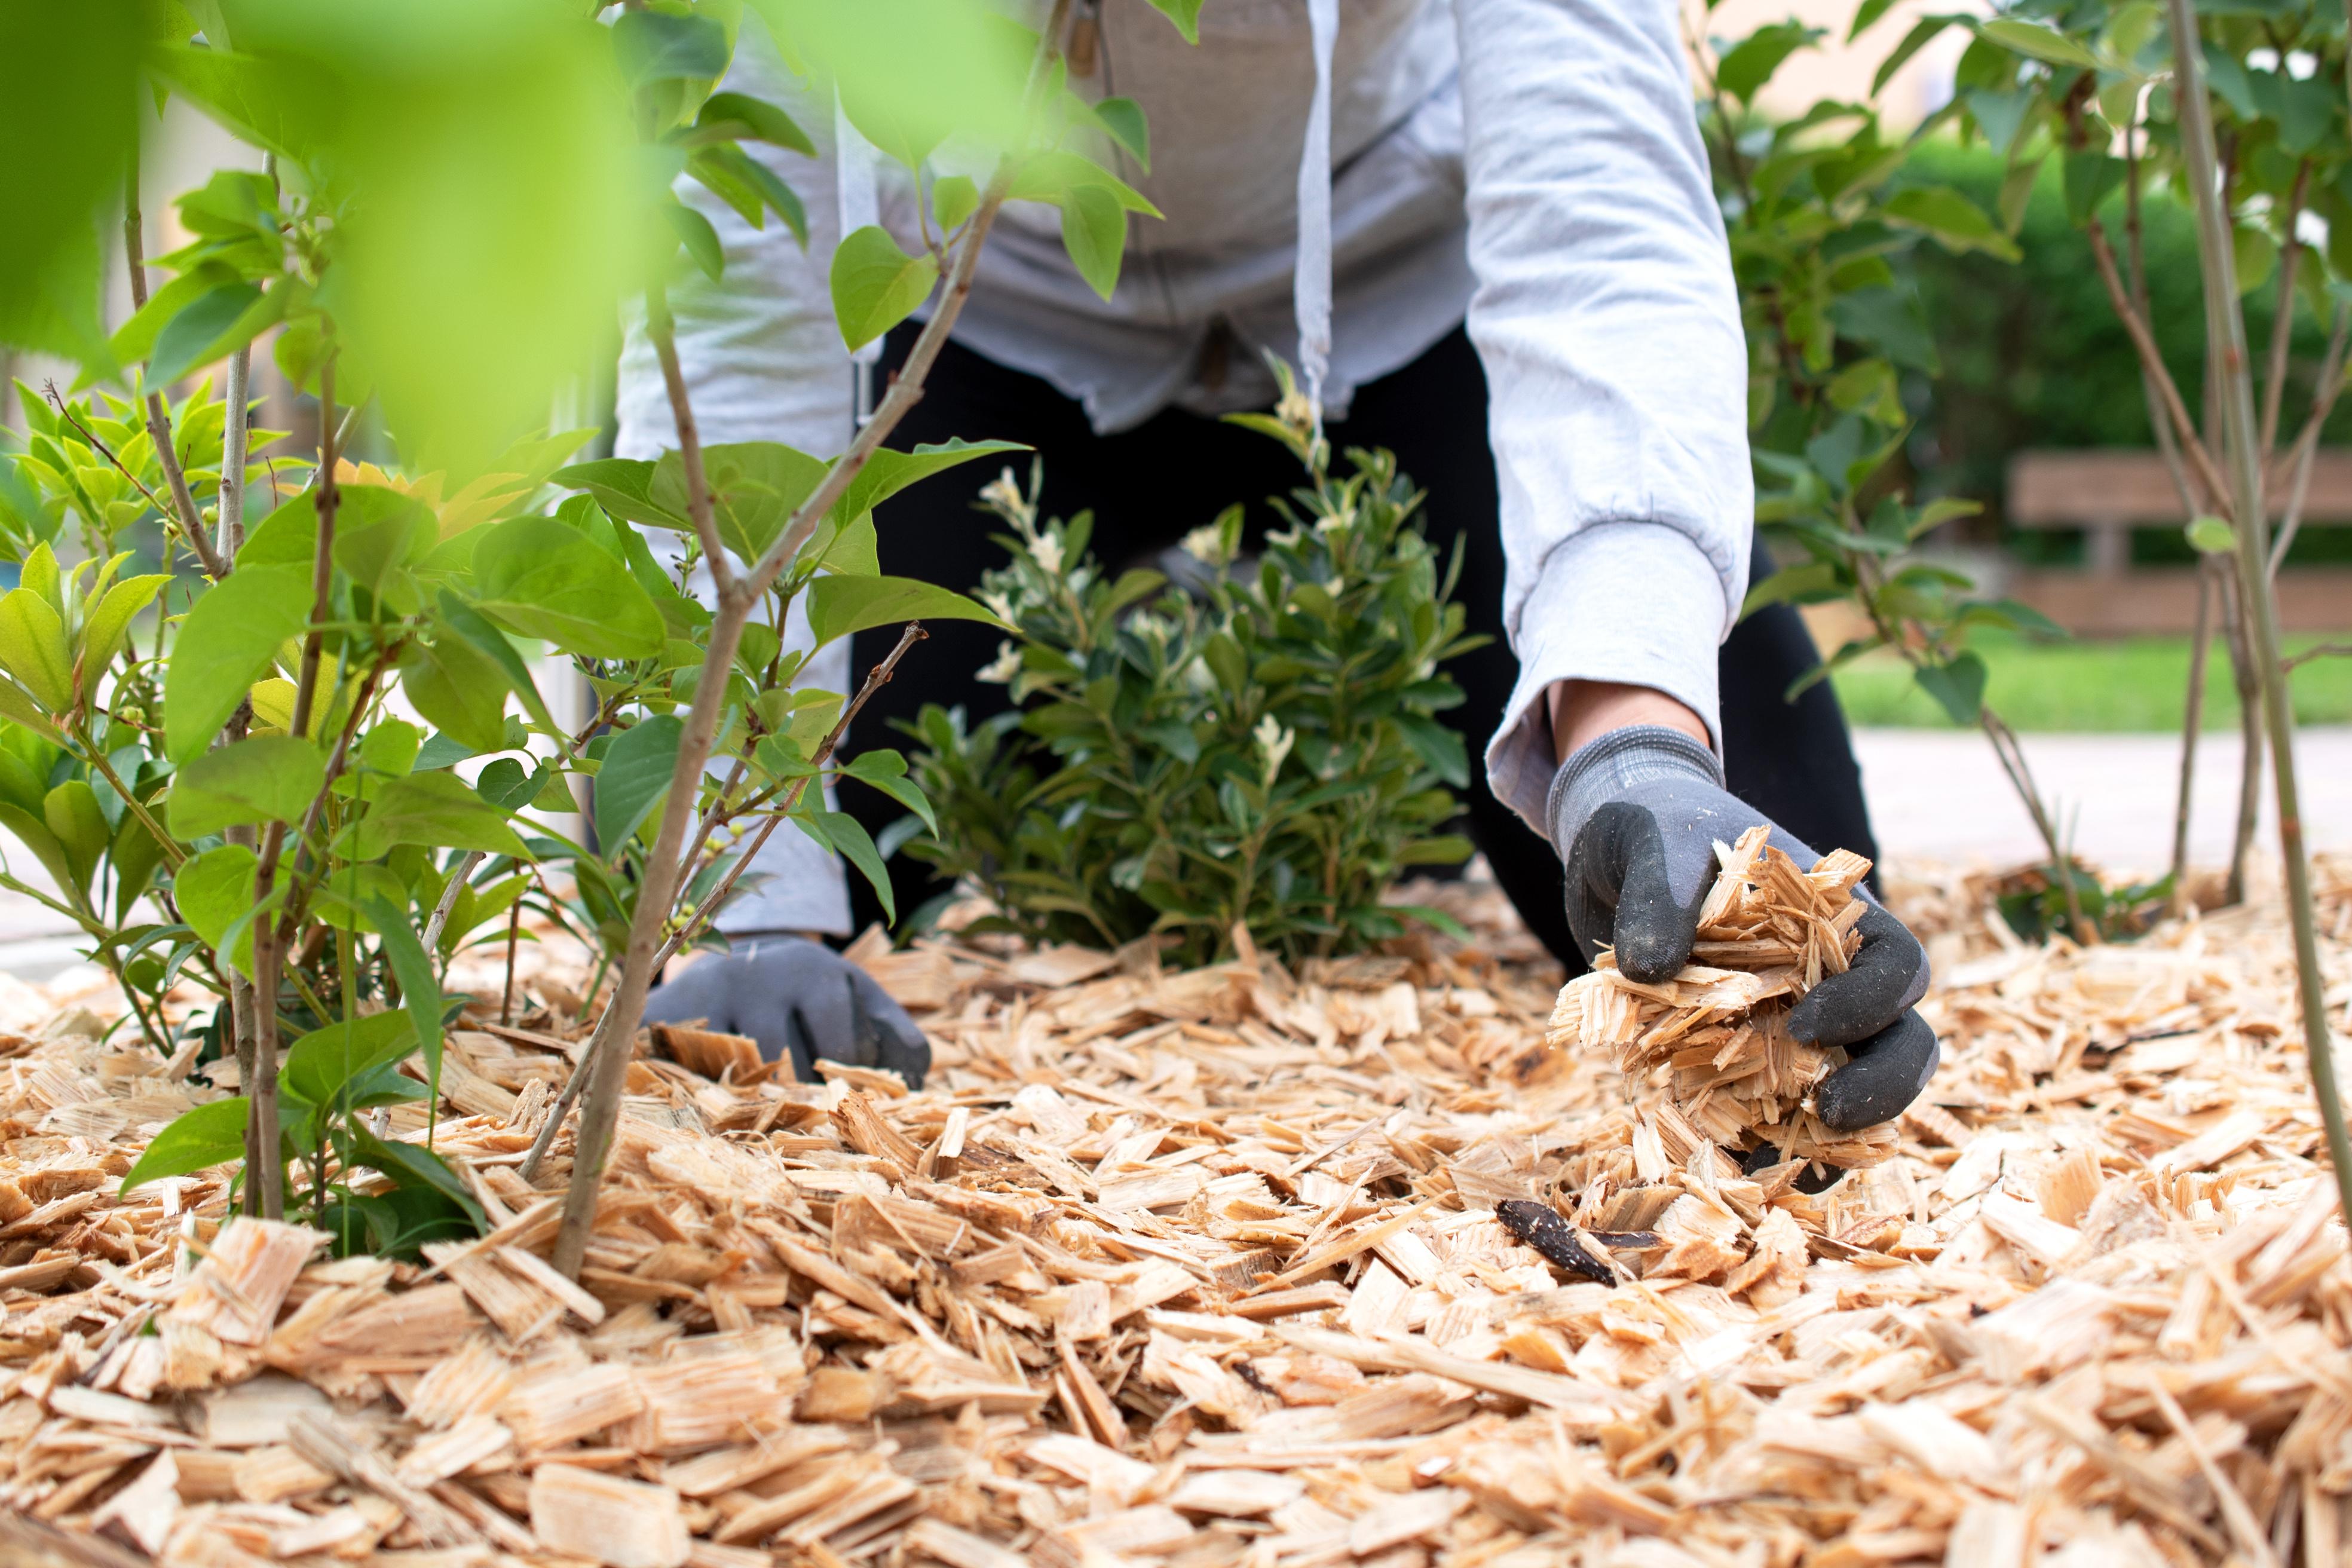 Gärtner arbeitet im Garten mit Mulch